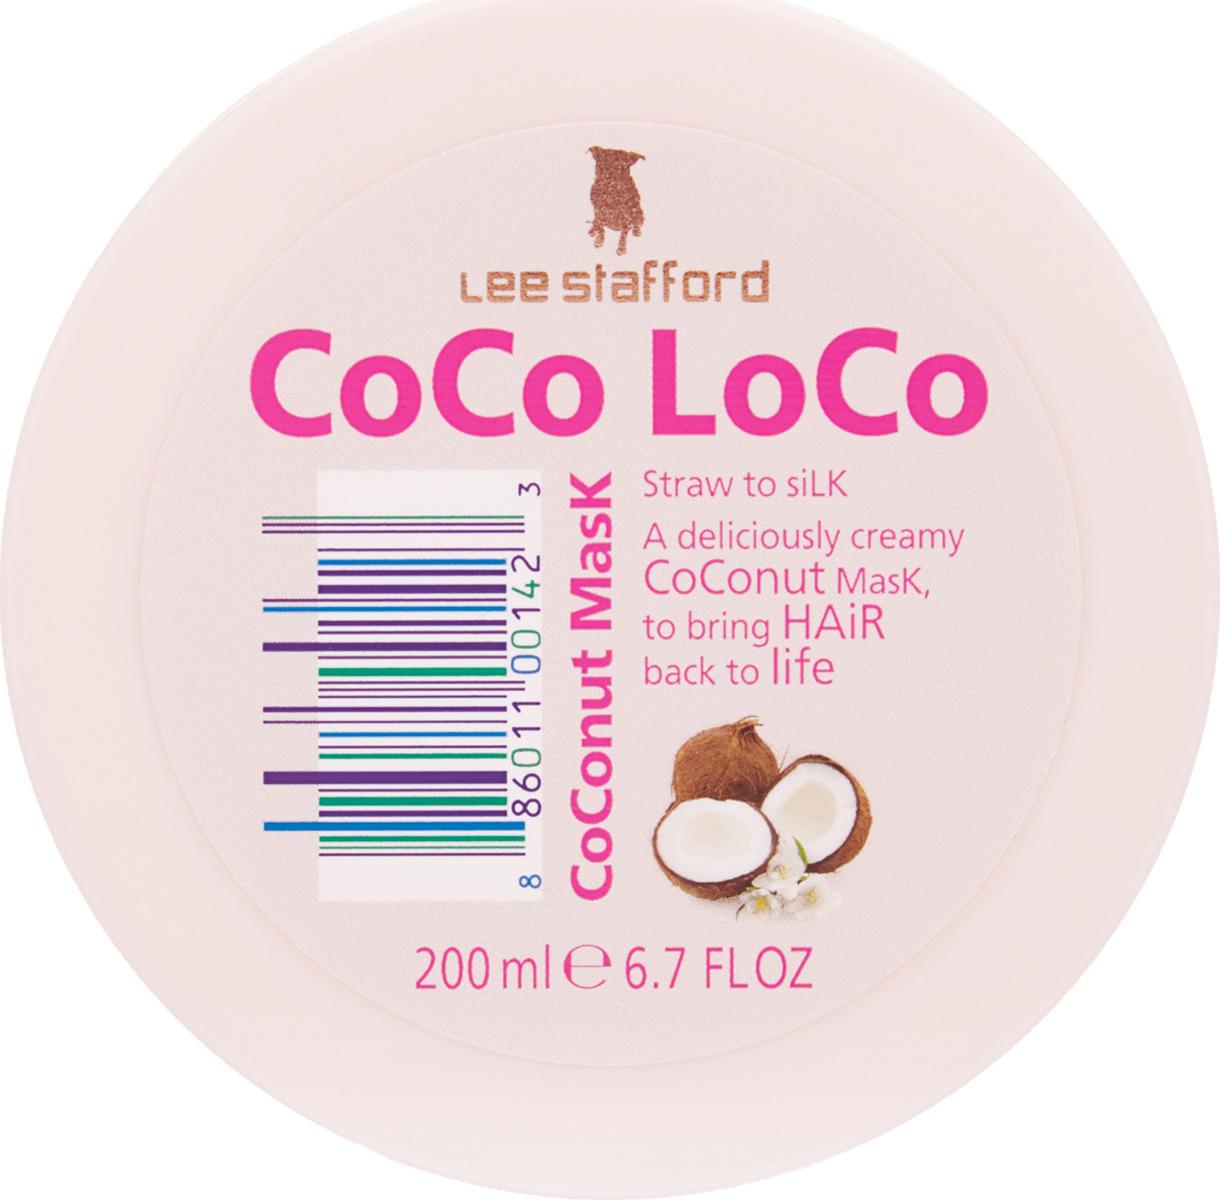 Маска для волос Lee Stafford Сосо Loco, увлажняющая, с кокосовым маслом, 200 мл lee stafford маска для роста волос hair growth 200 мл